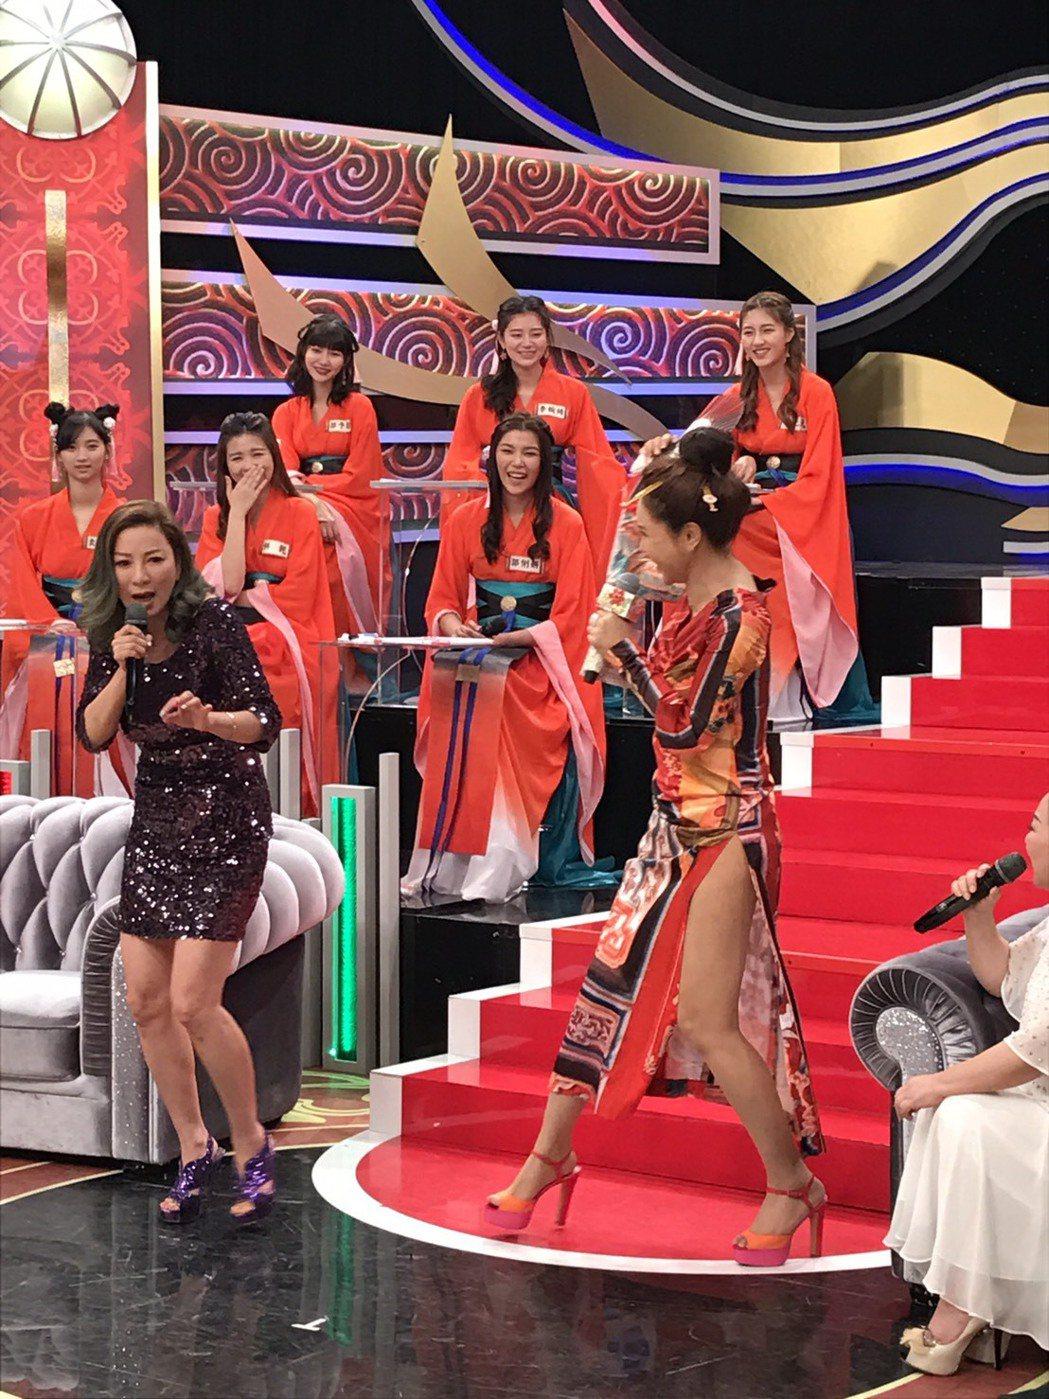 楊繡惠(左)談秀場唱作具佳,利菁也跟她互動熱絡。記者葉君遠/攝影